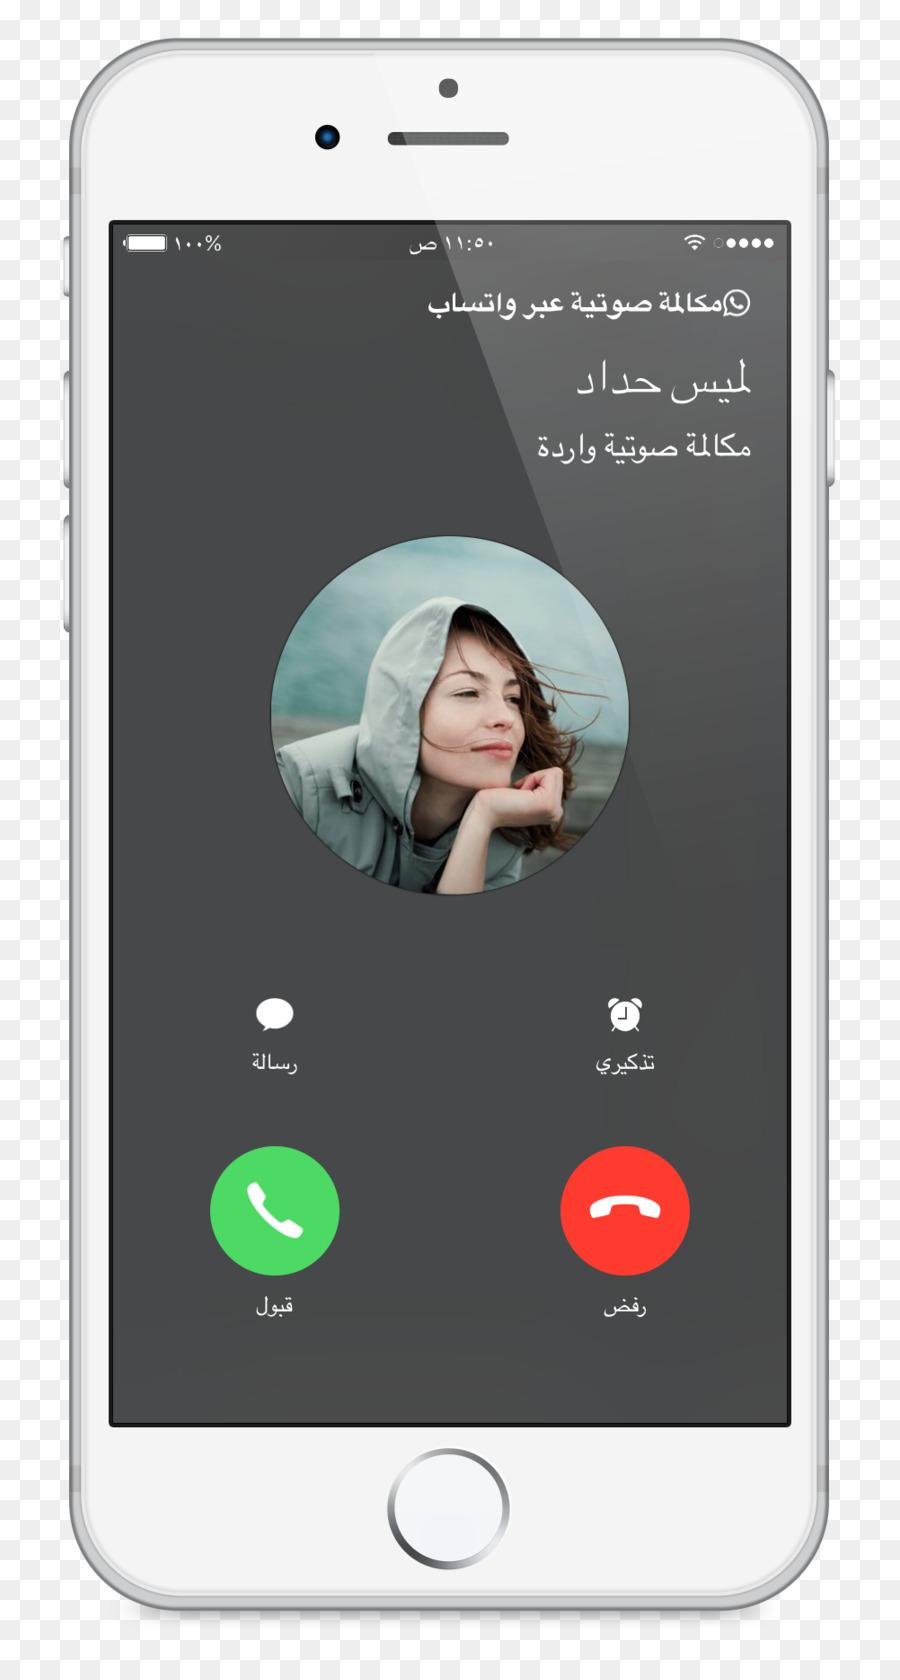 Whatsapp for nokia asha 305,203,501,311,310 and more.